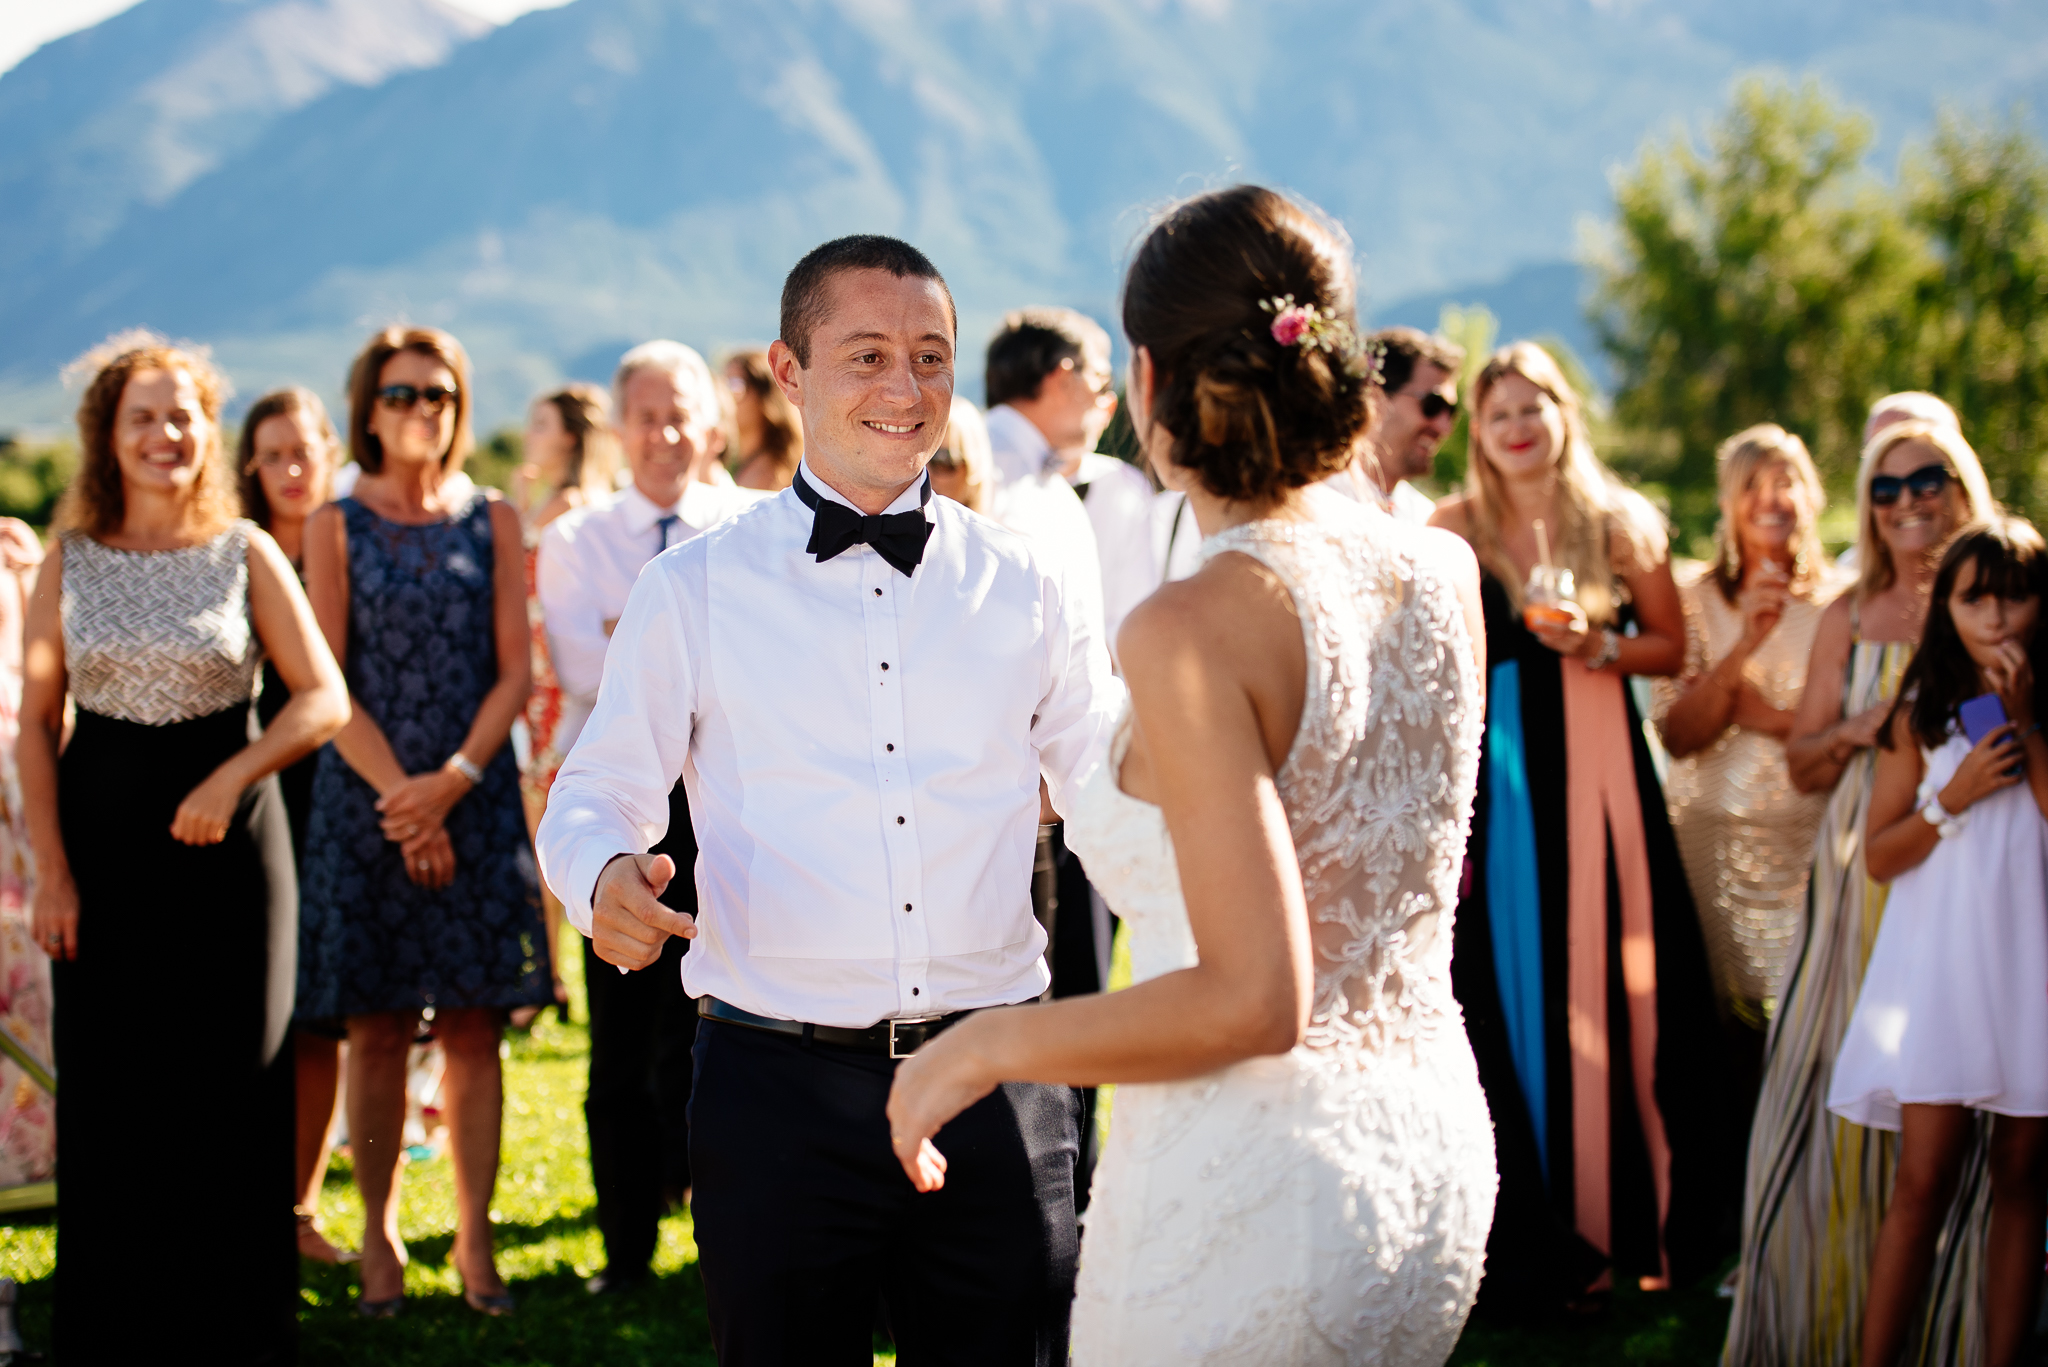 boda-bariloche-maxi-oviedo-fotografo-ramo-vestido-de-novia-55.jpg